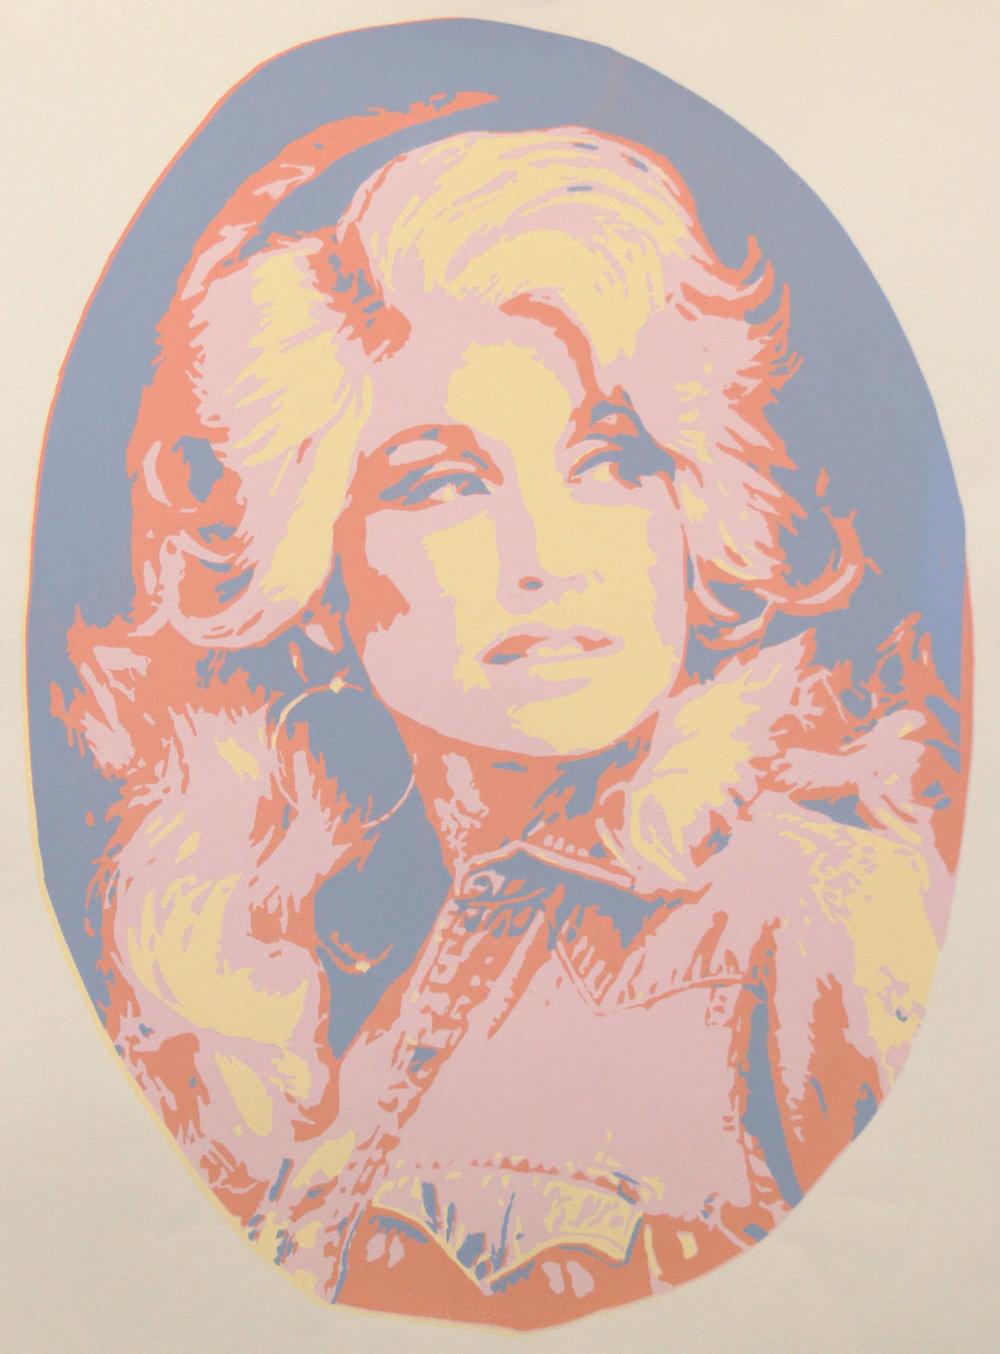 Dolly Parton, 2012